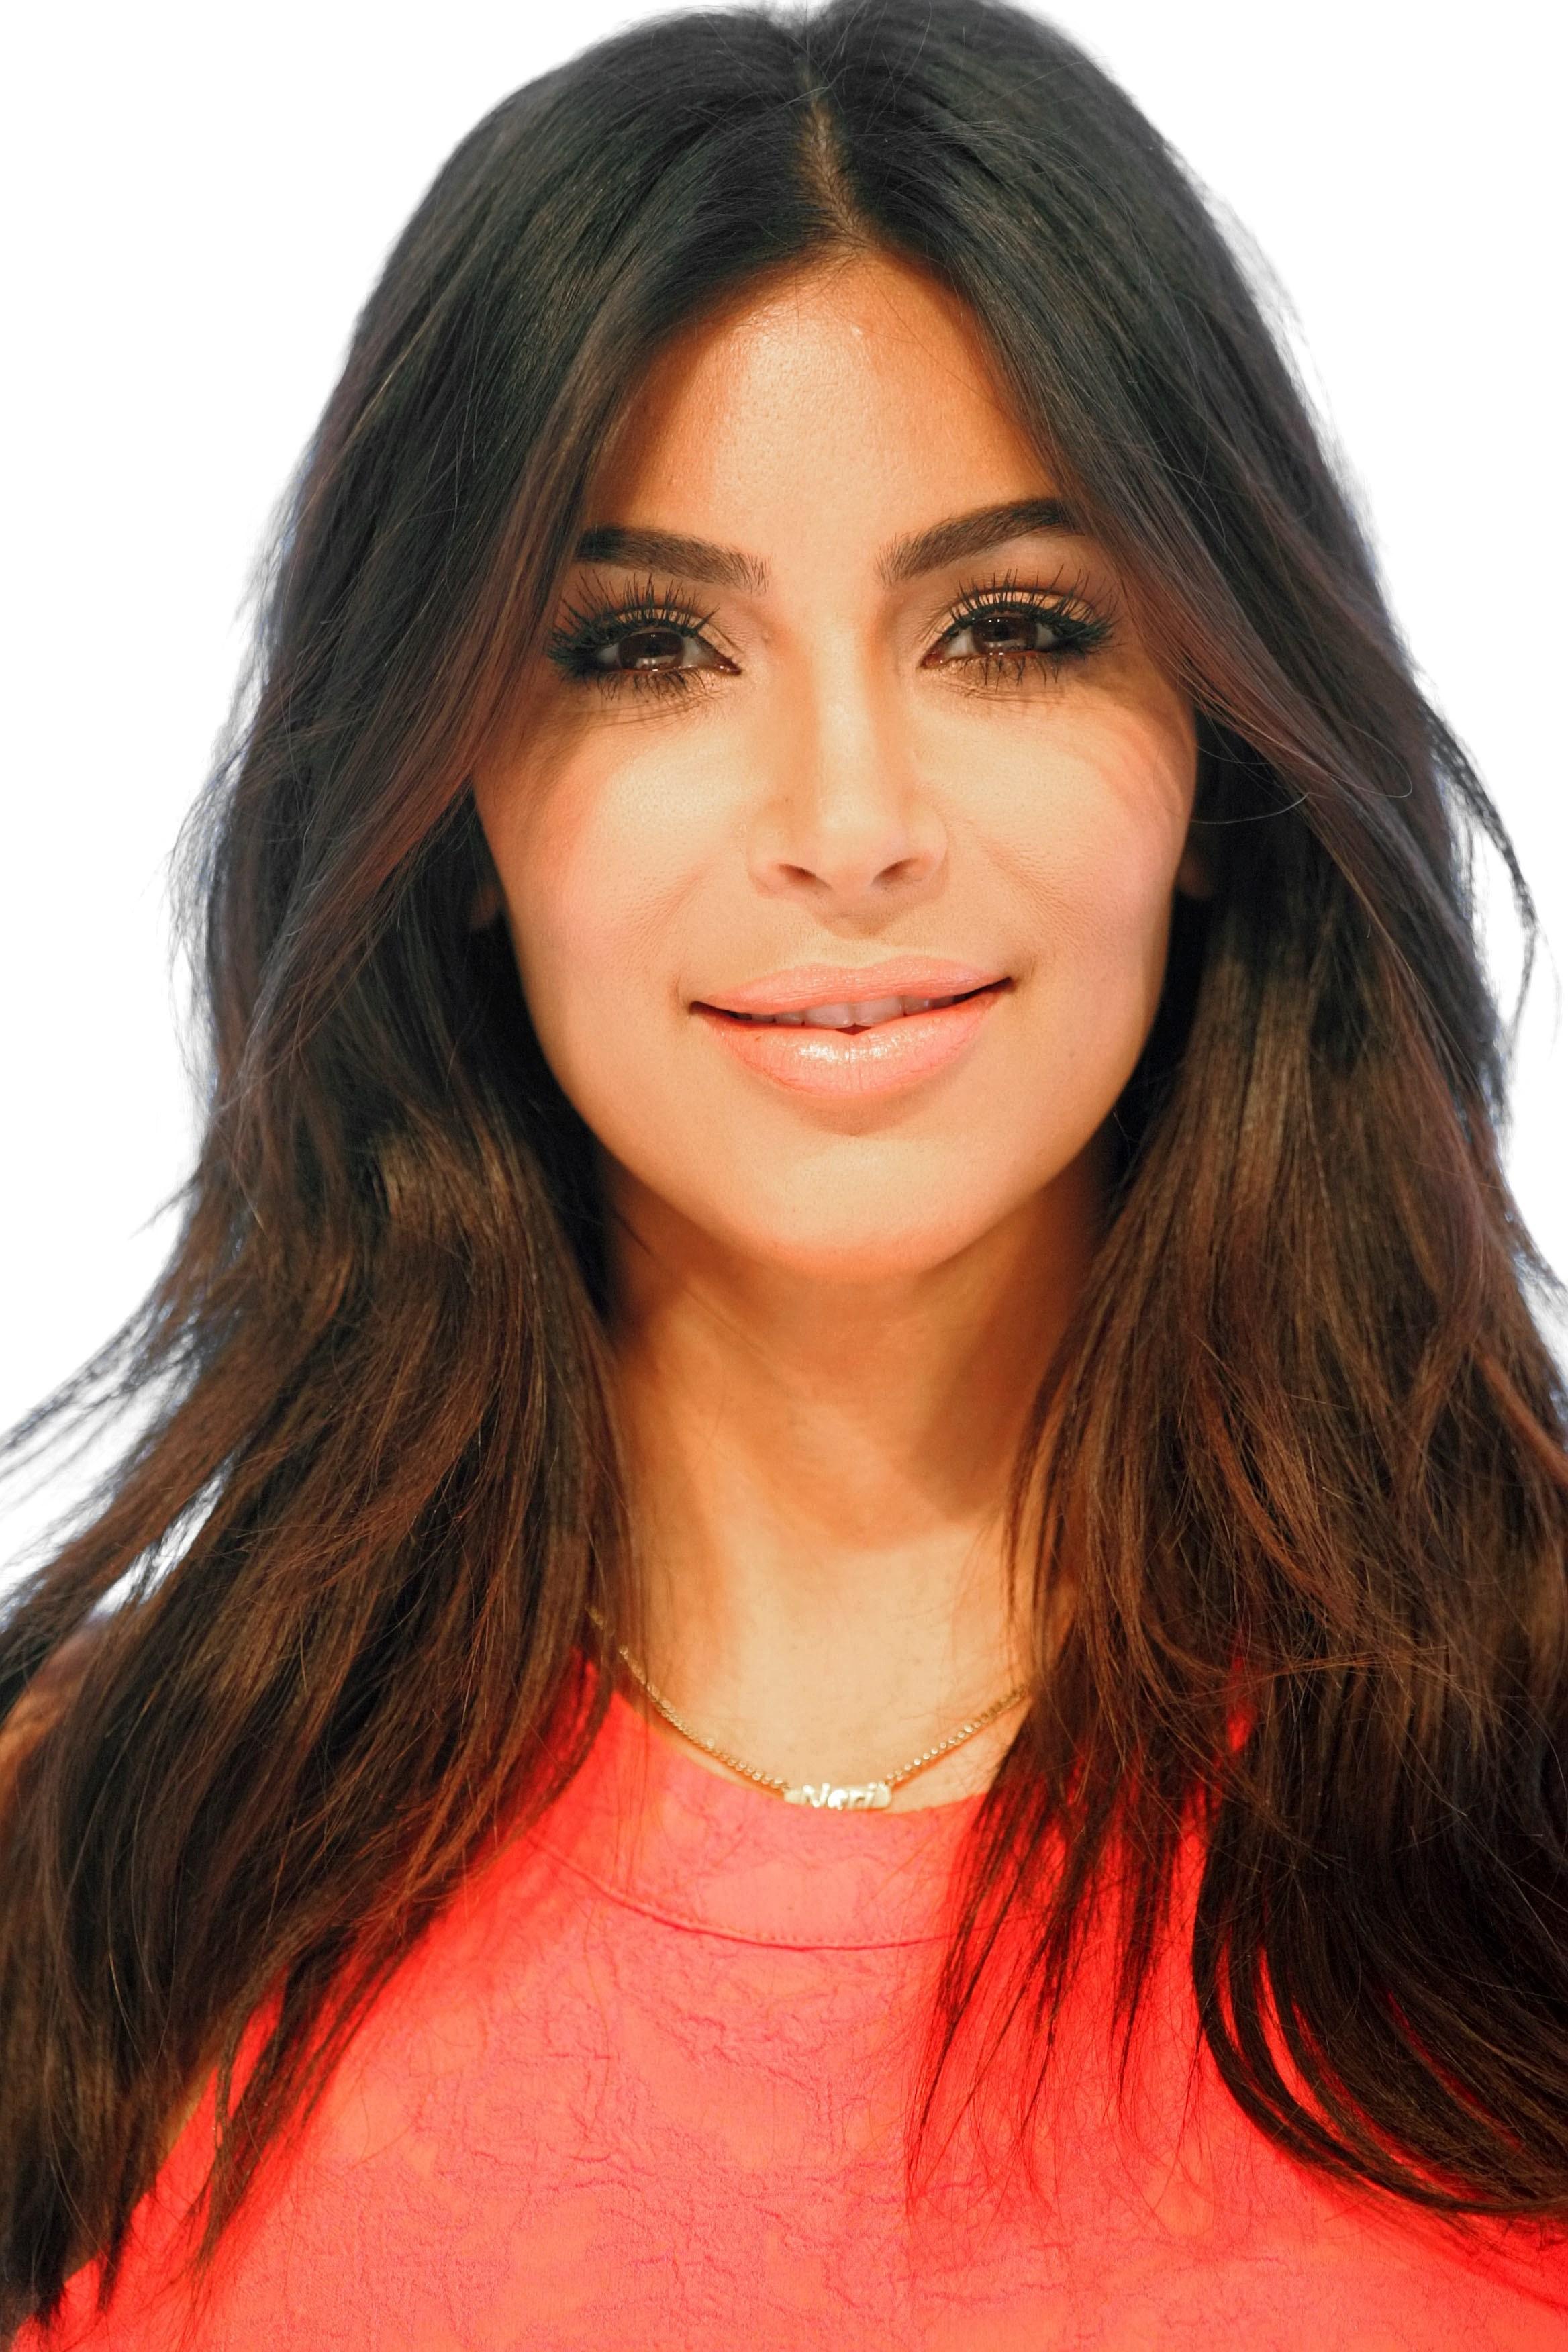 Kim_Kardashian_West,_Parramatta_Westfield_Sydney_Australia